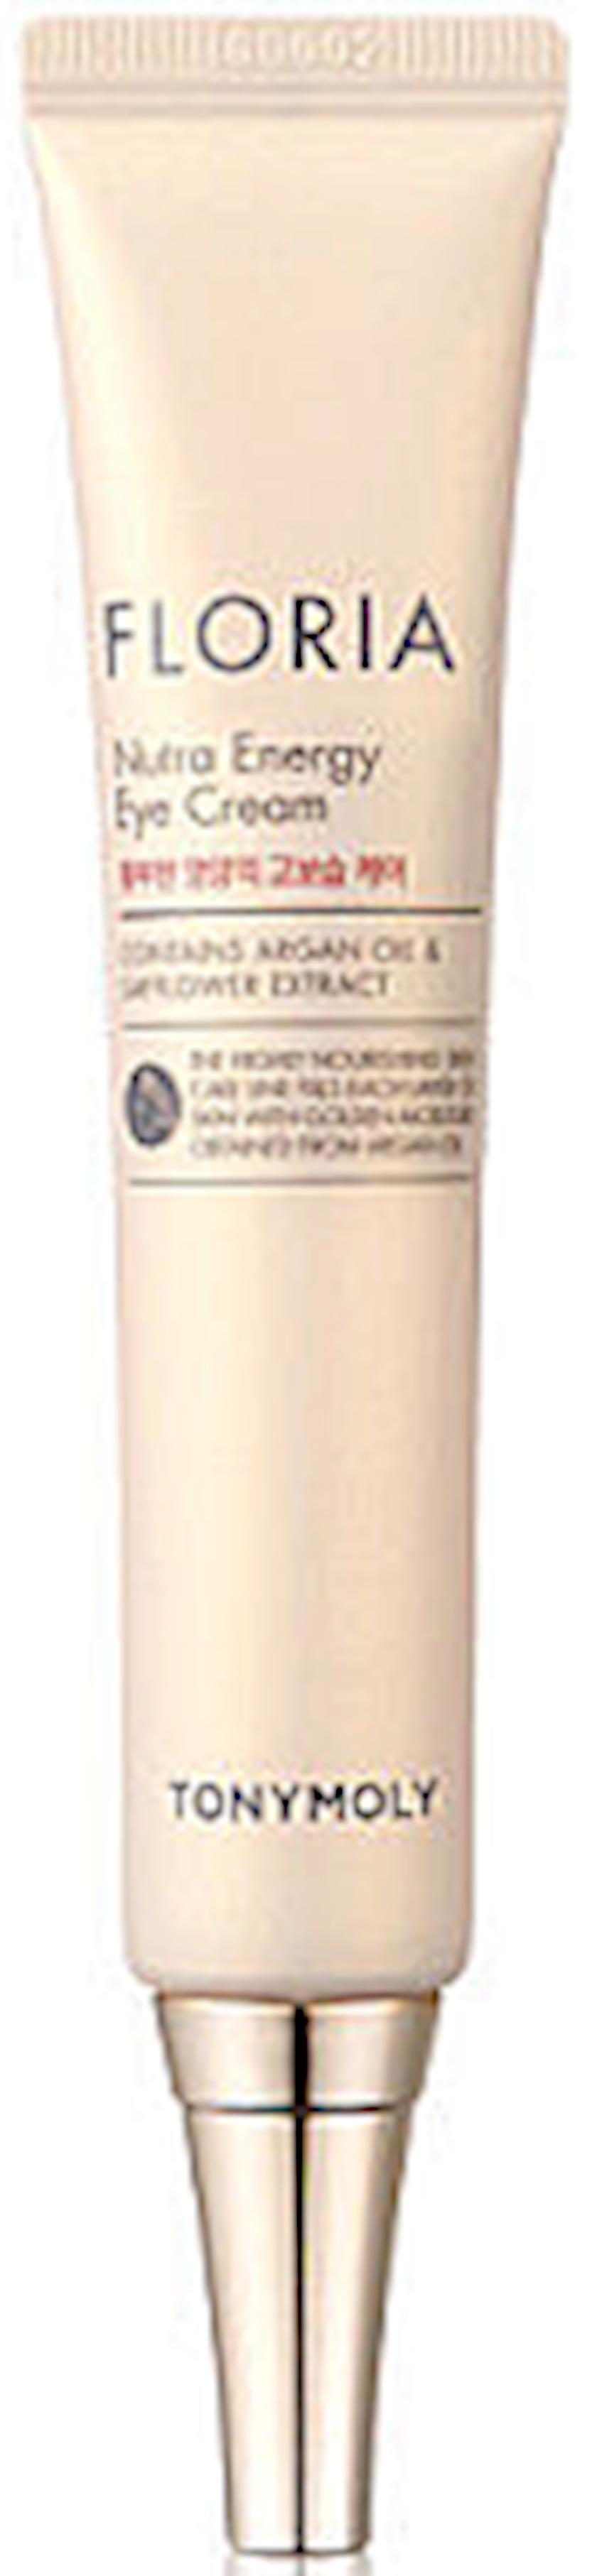 Göz ətrafı dəri üçün nəmləndirici krem Tony Moly Floria Nutra Energy Eye Cream 30 ml